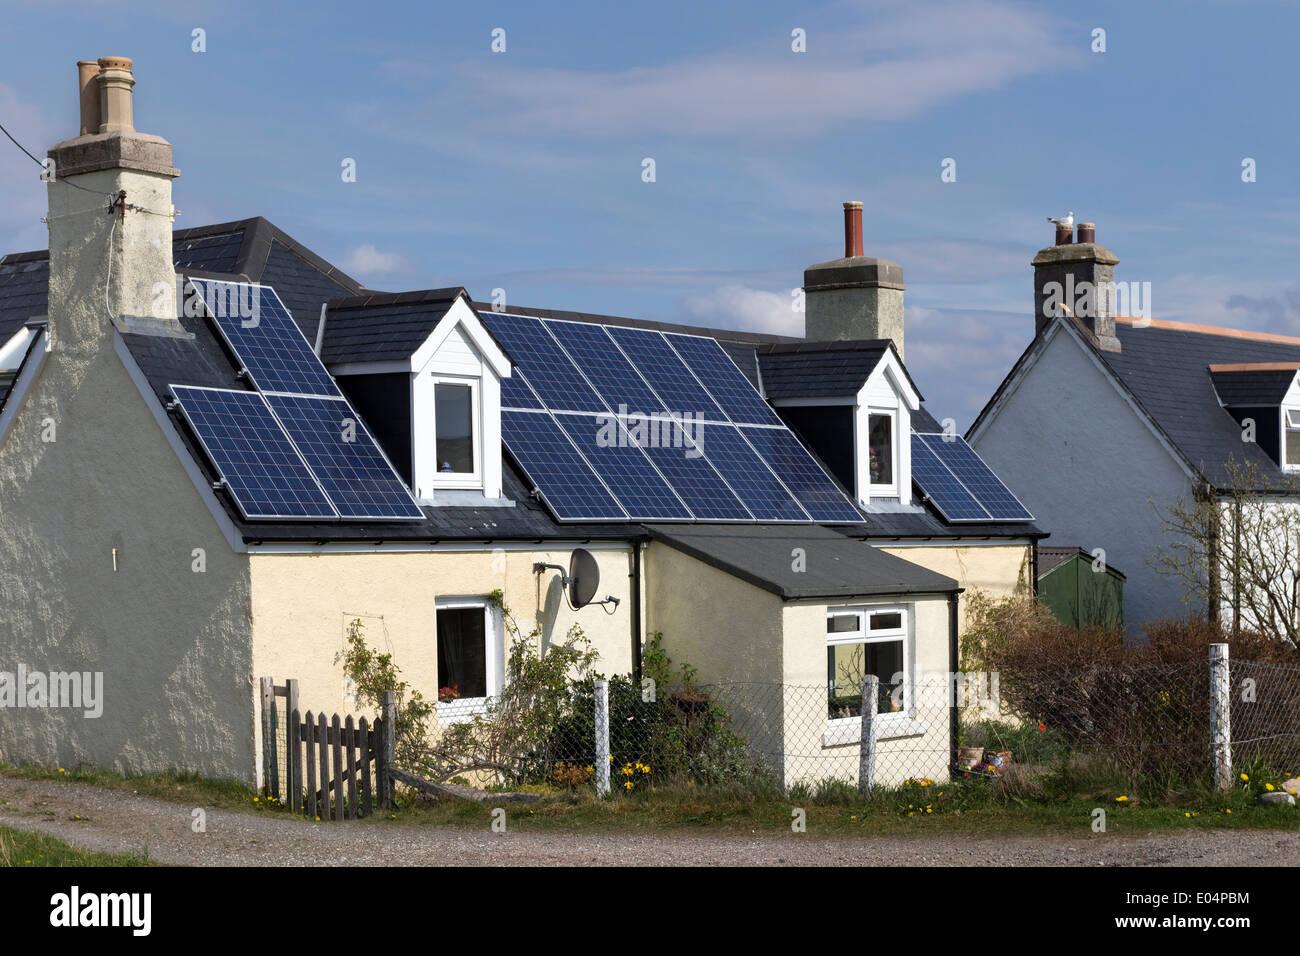 Paneles solares en el techo de una casa en Durness norte de Escocia Imagen De Stock